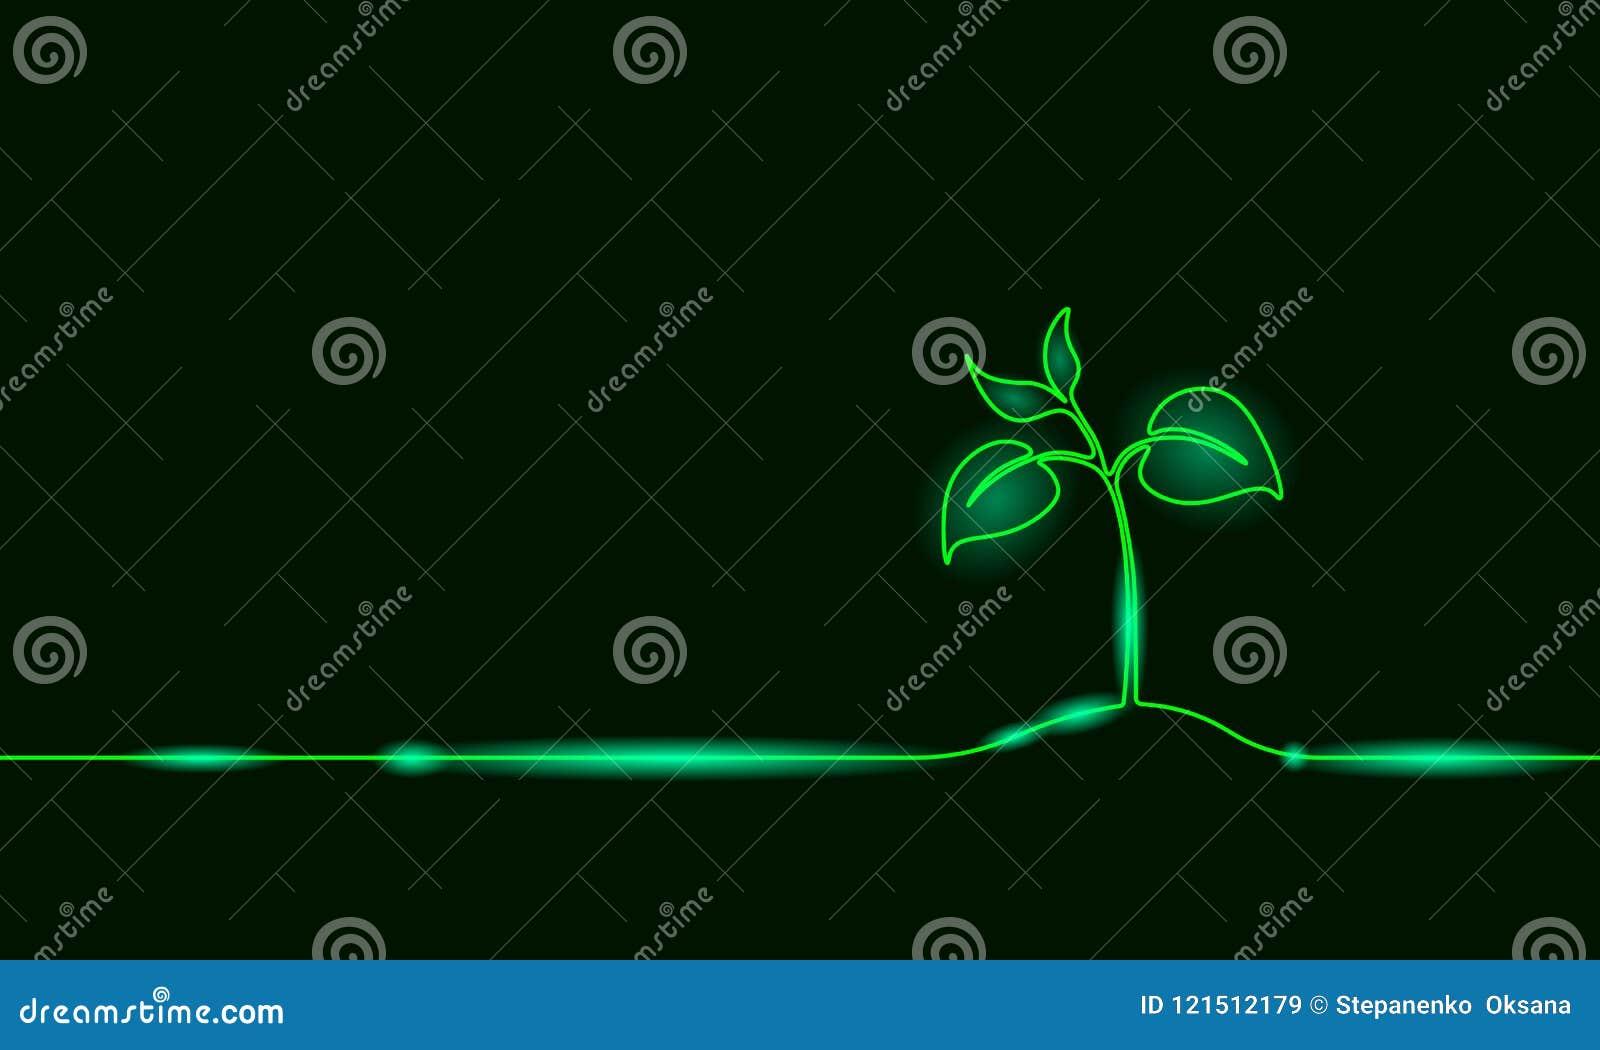 唯一实线艺术生长新芽 植物叶子种子生长土壤幼木eco自然农厂构思设计一